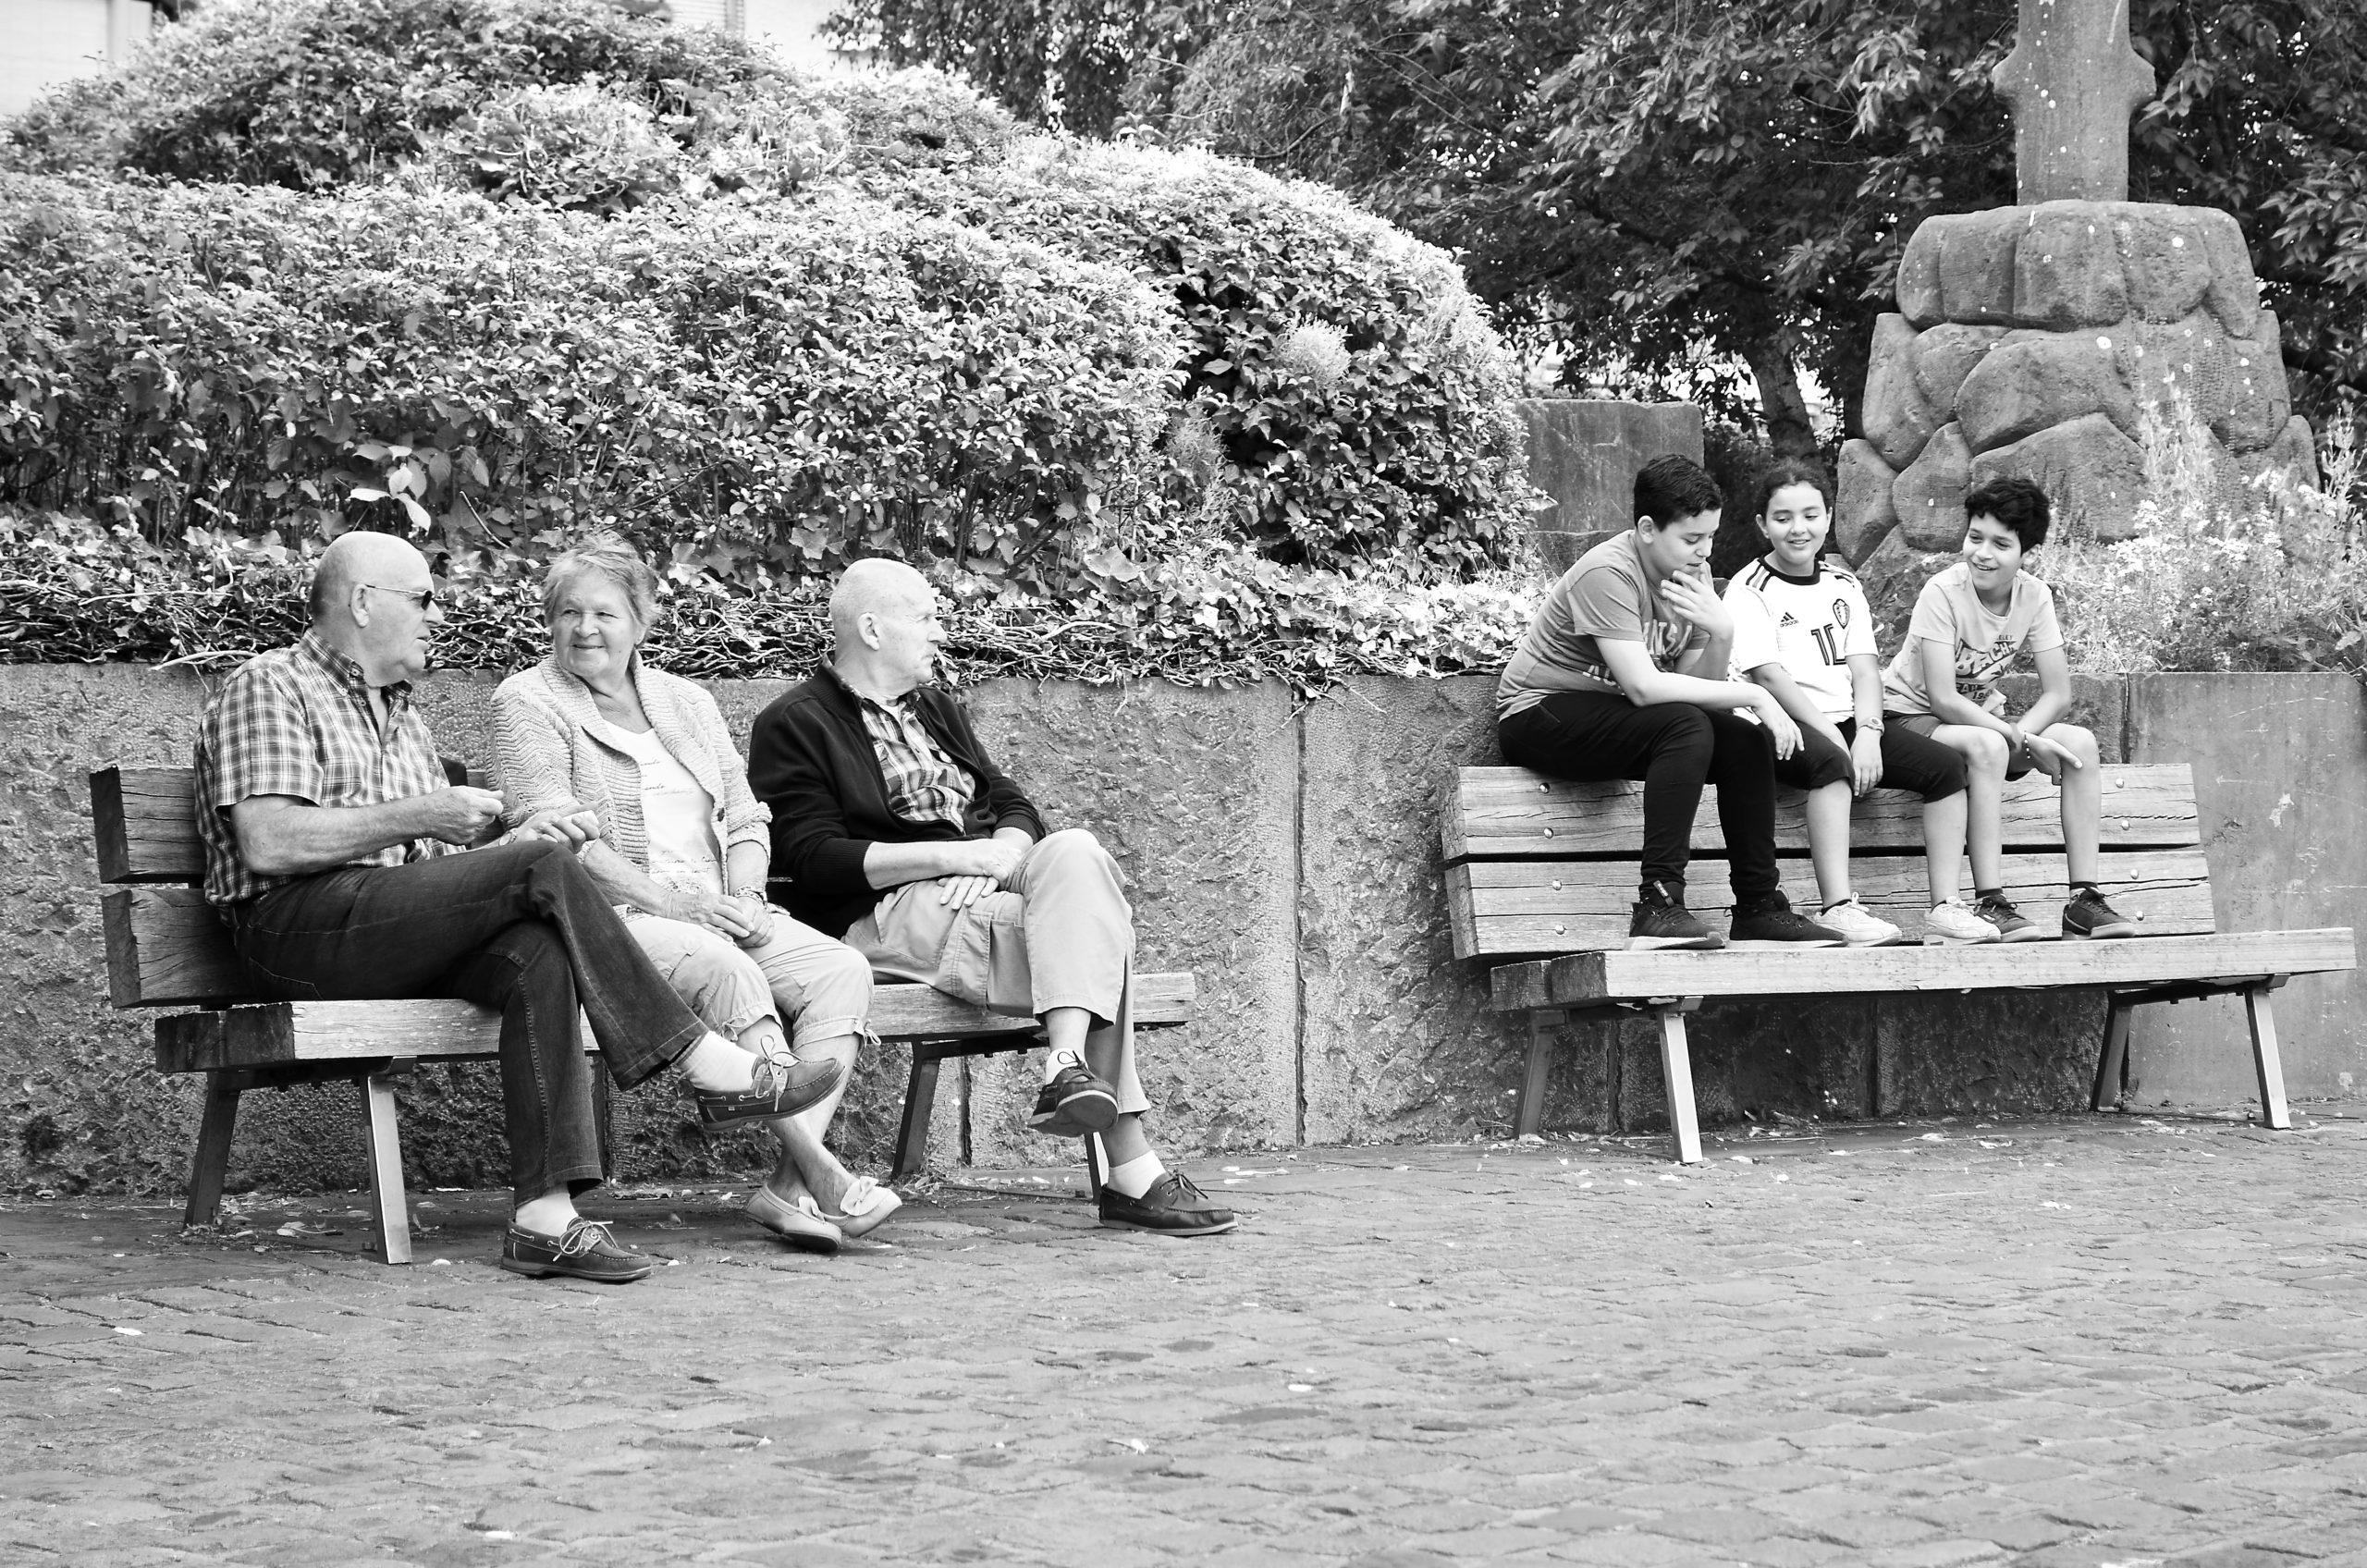 Photo noir et blanc avec 3 personnes agées sur un banc et 3 jeunes sur un autre banc